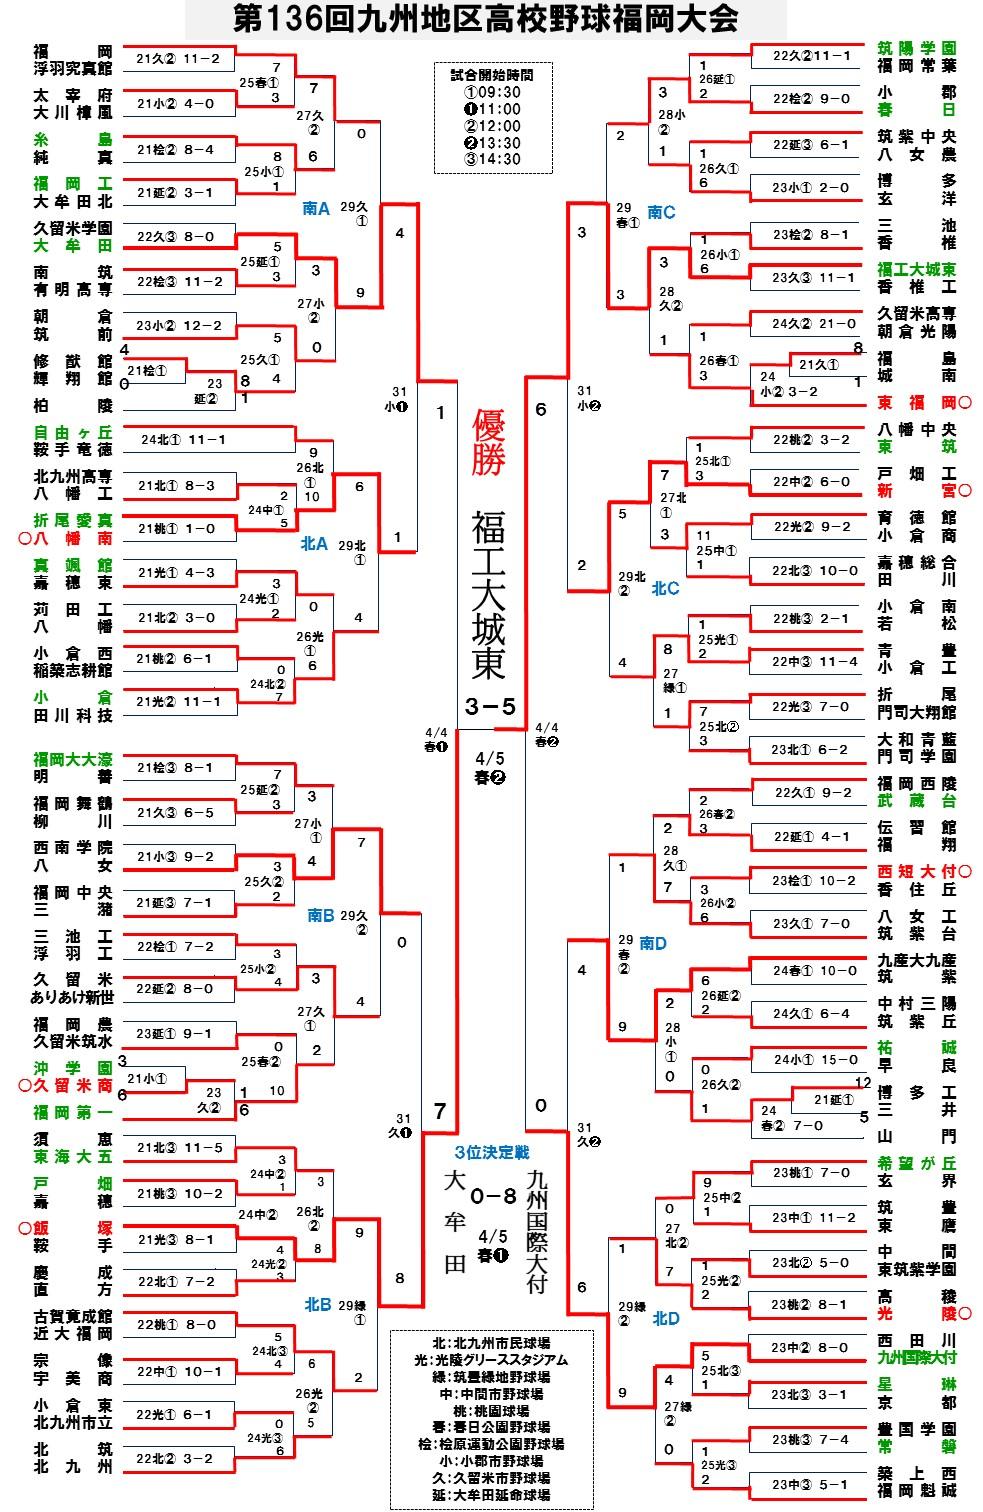 2015春季福岡大会5